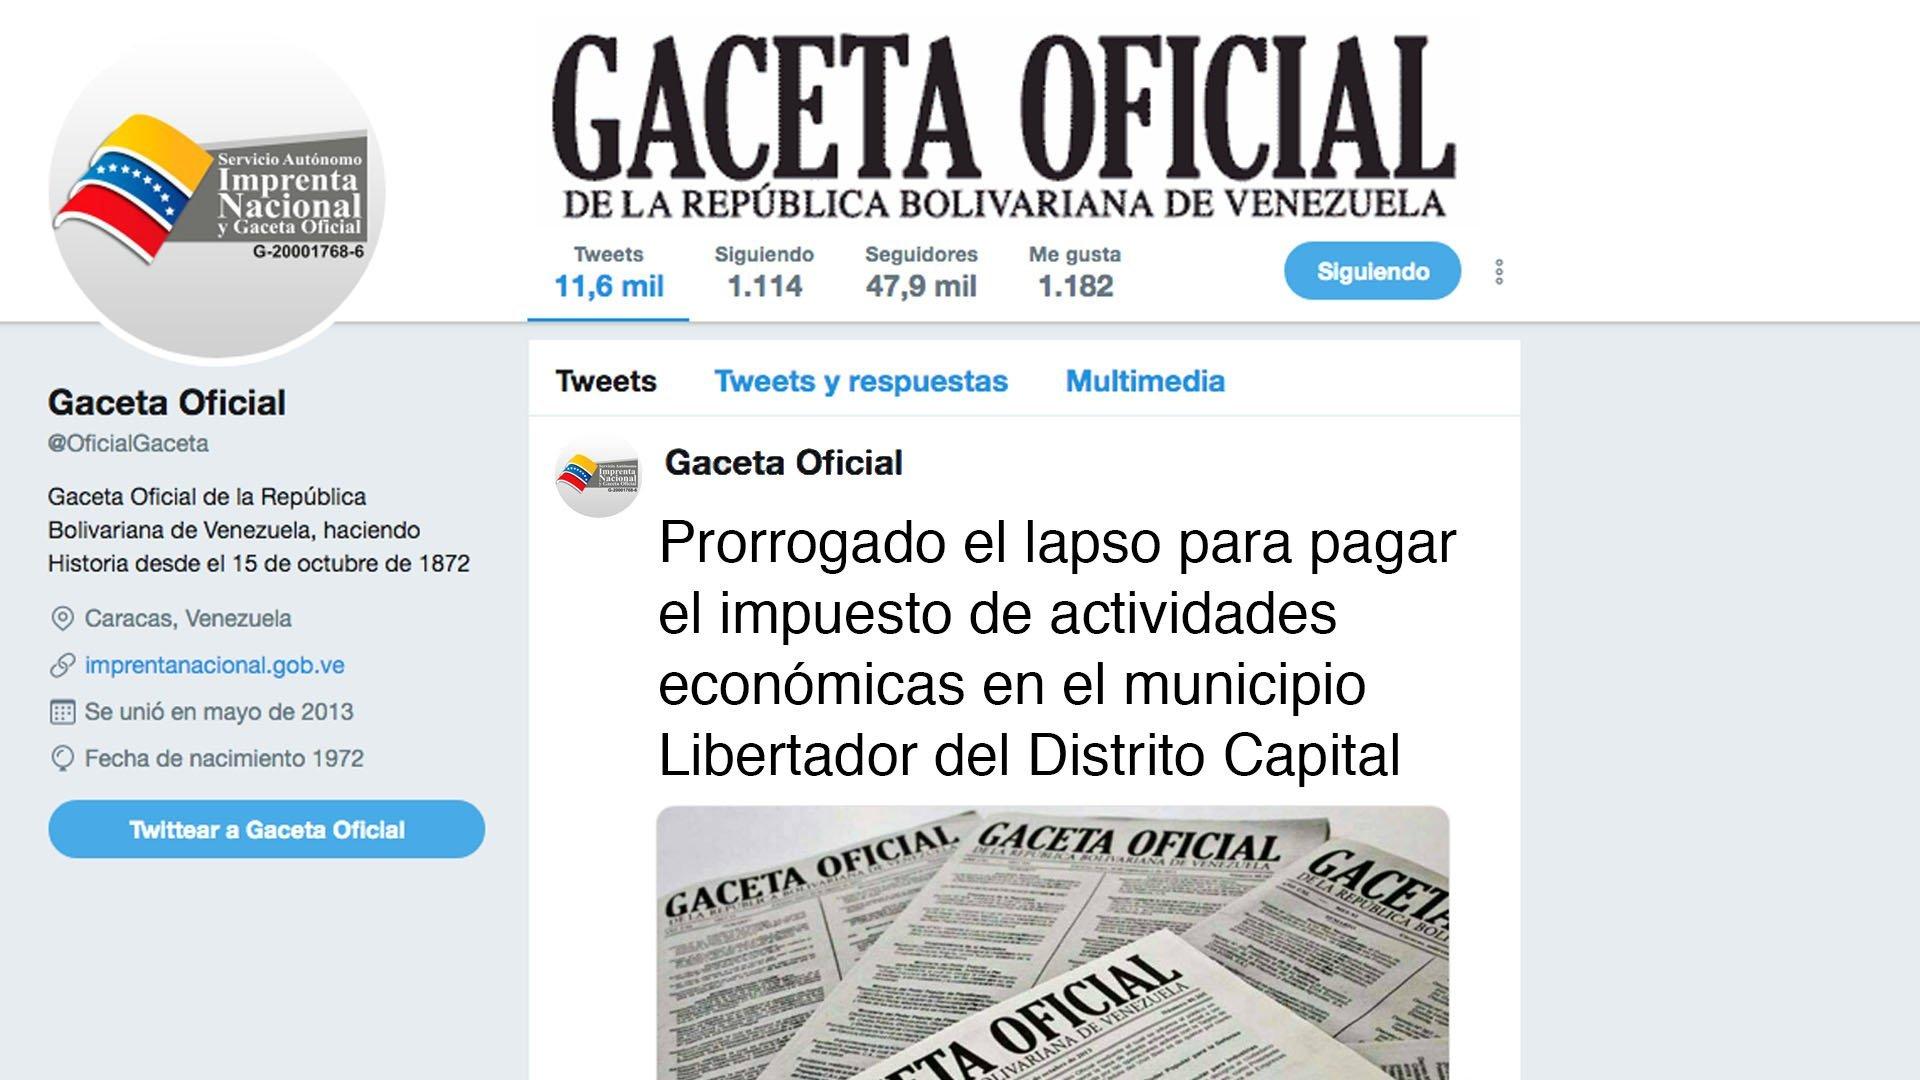 Prorrogado el lapso para pagar el impuesto de actividades económicas en el municipio Libertador del Distrito Capital